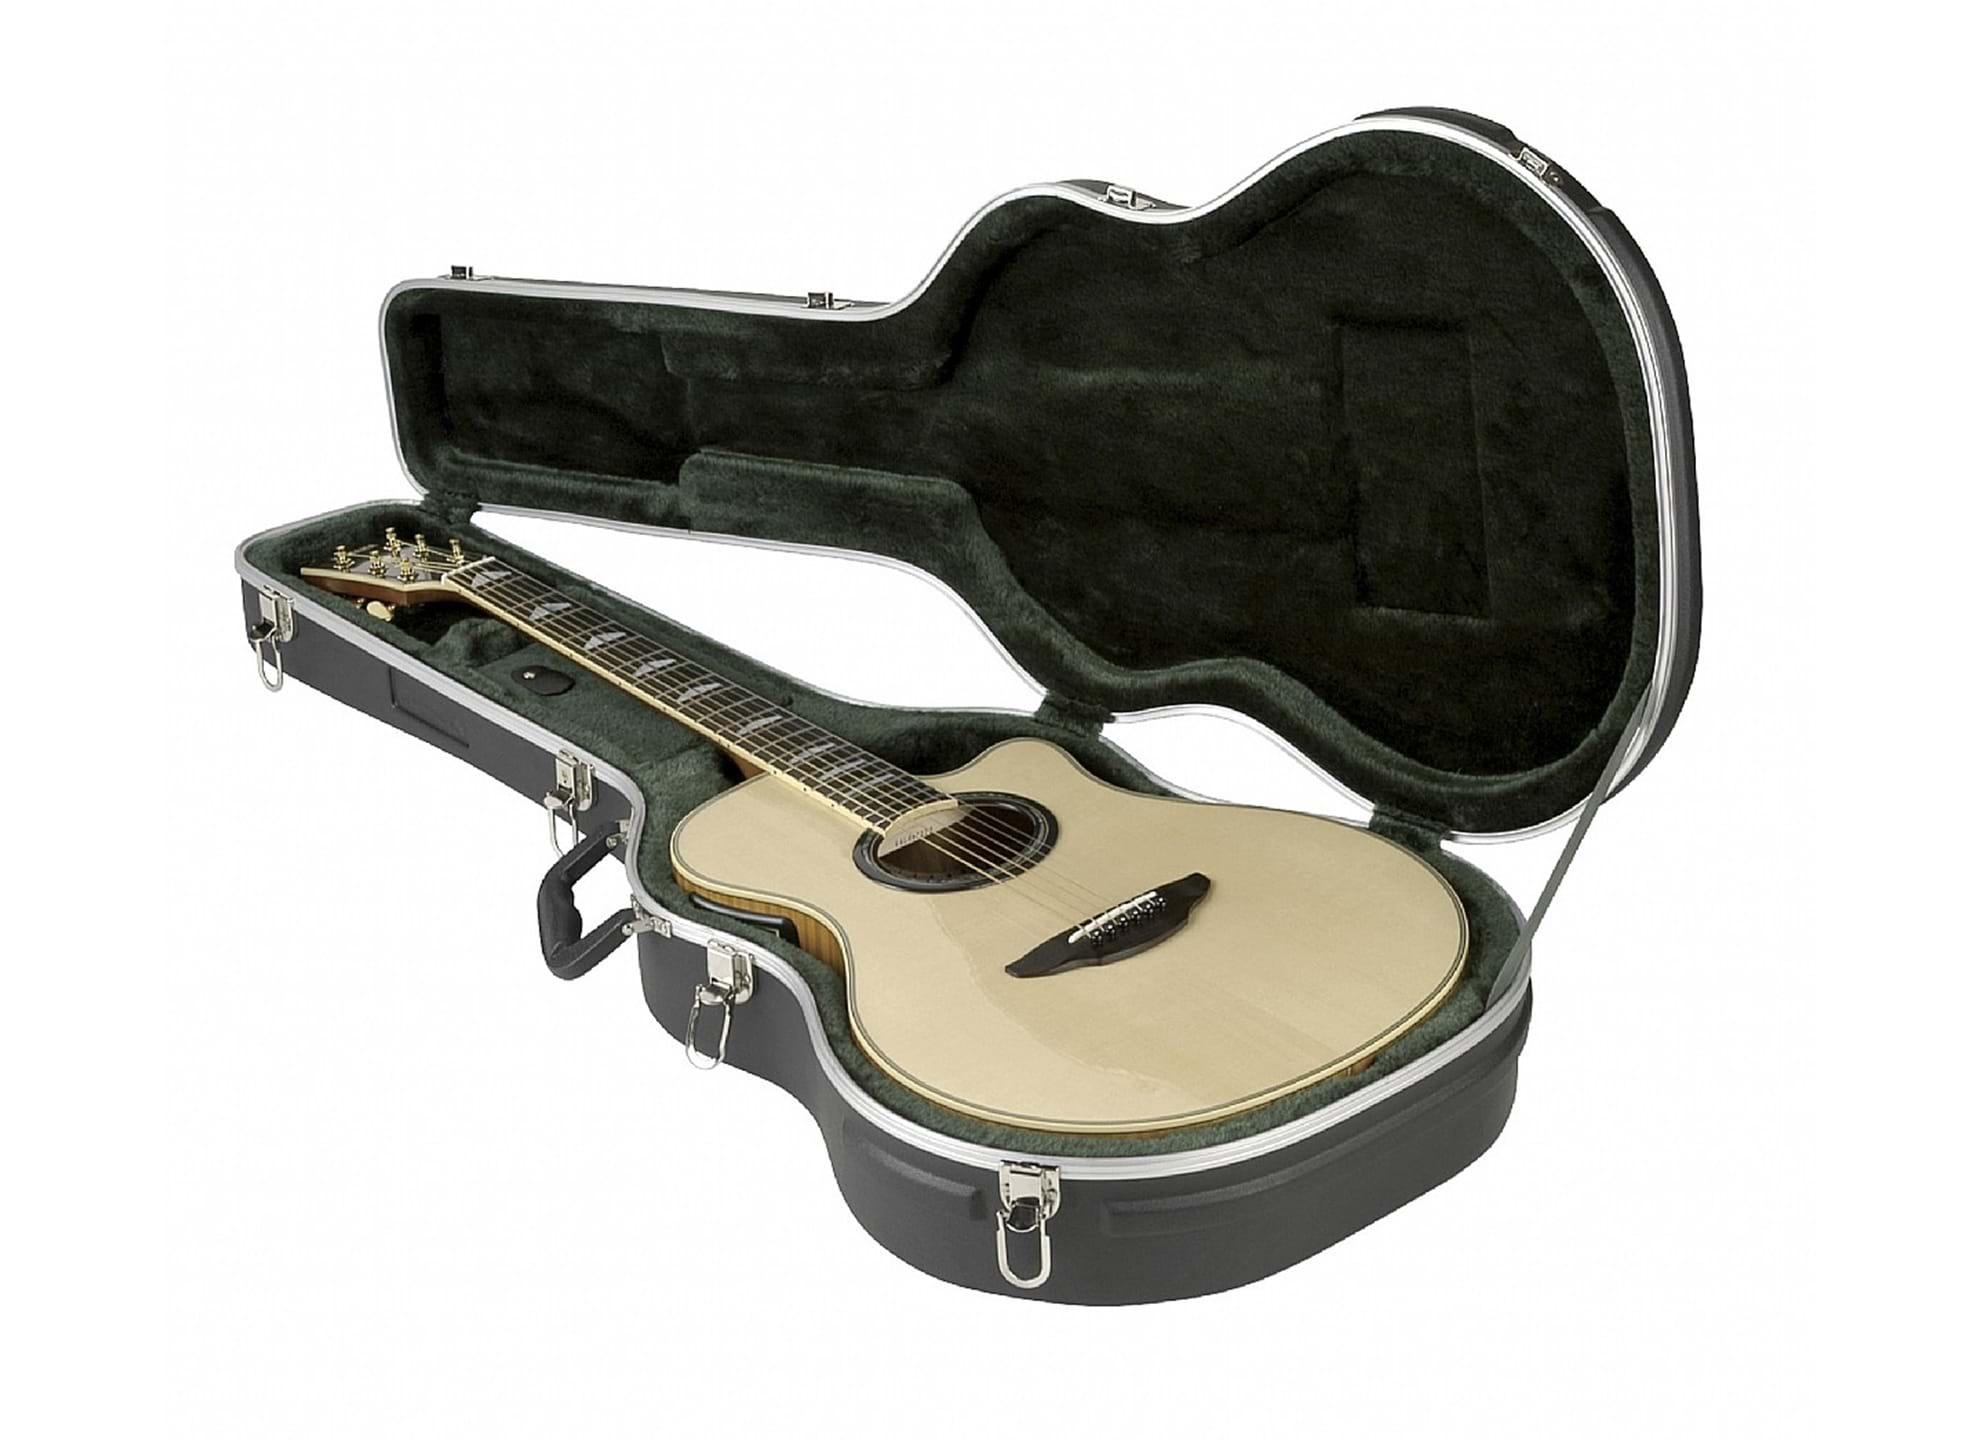 3 - Gitarrcase, akustisk gitarr - tunn kropp